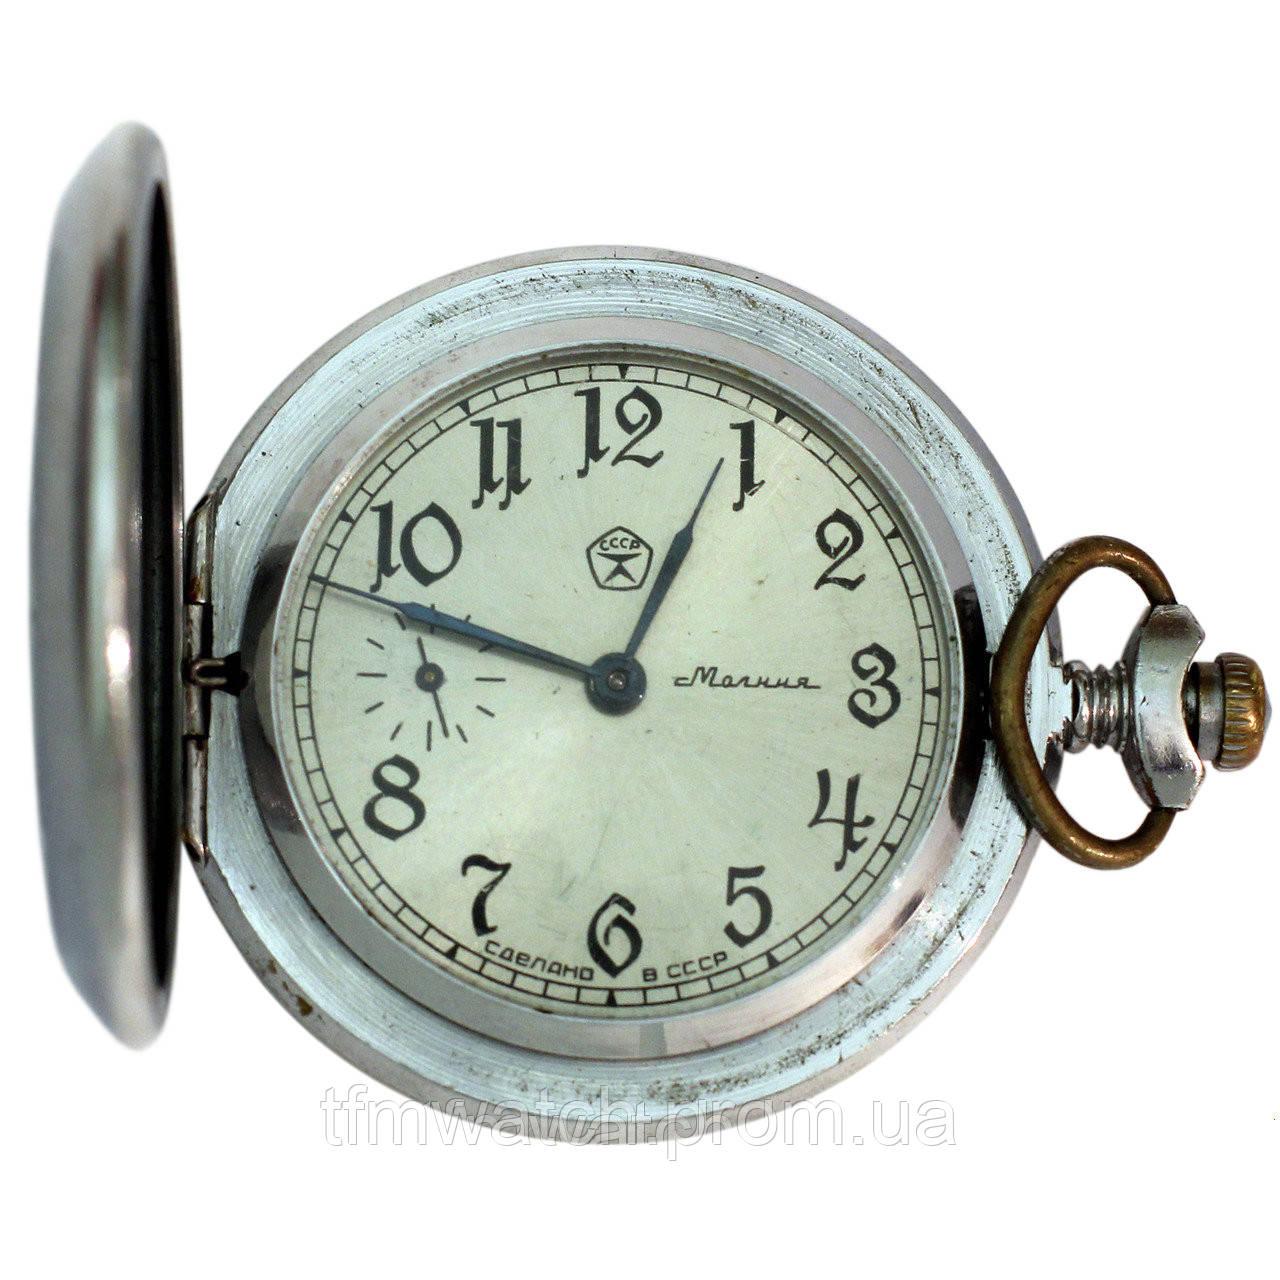 Молния продать старинные часы стоимость часа в спб няня